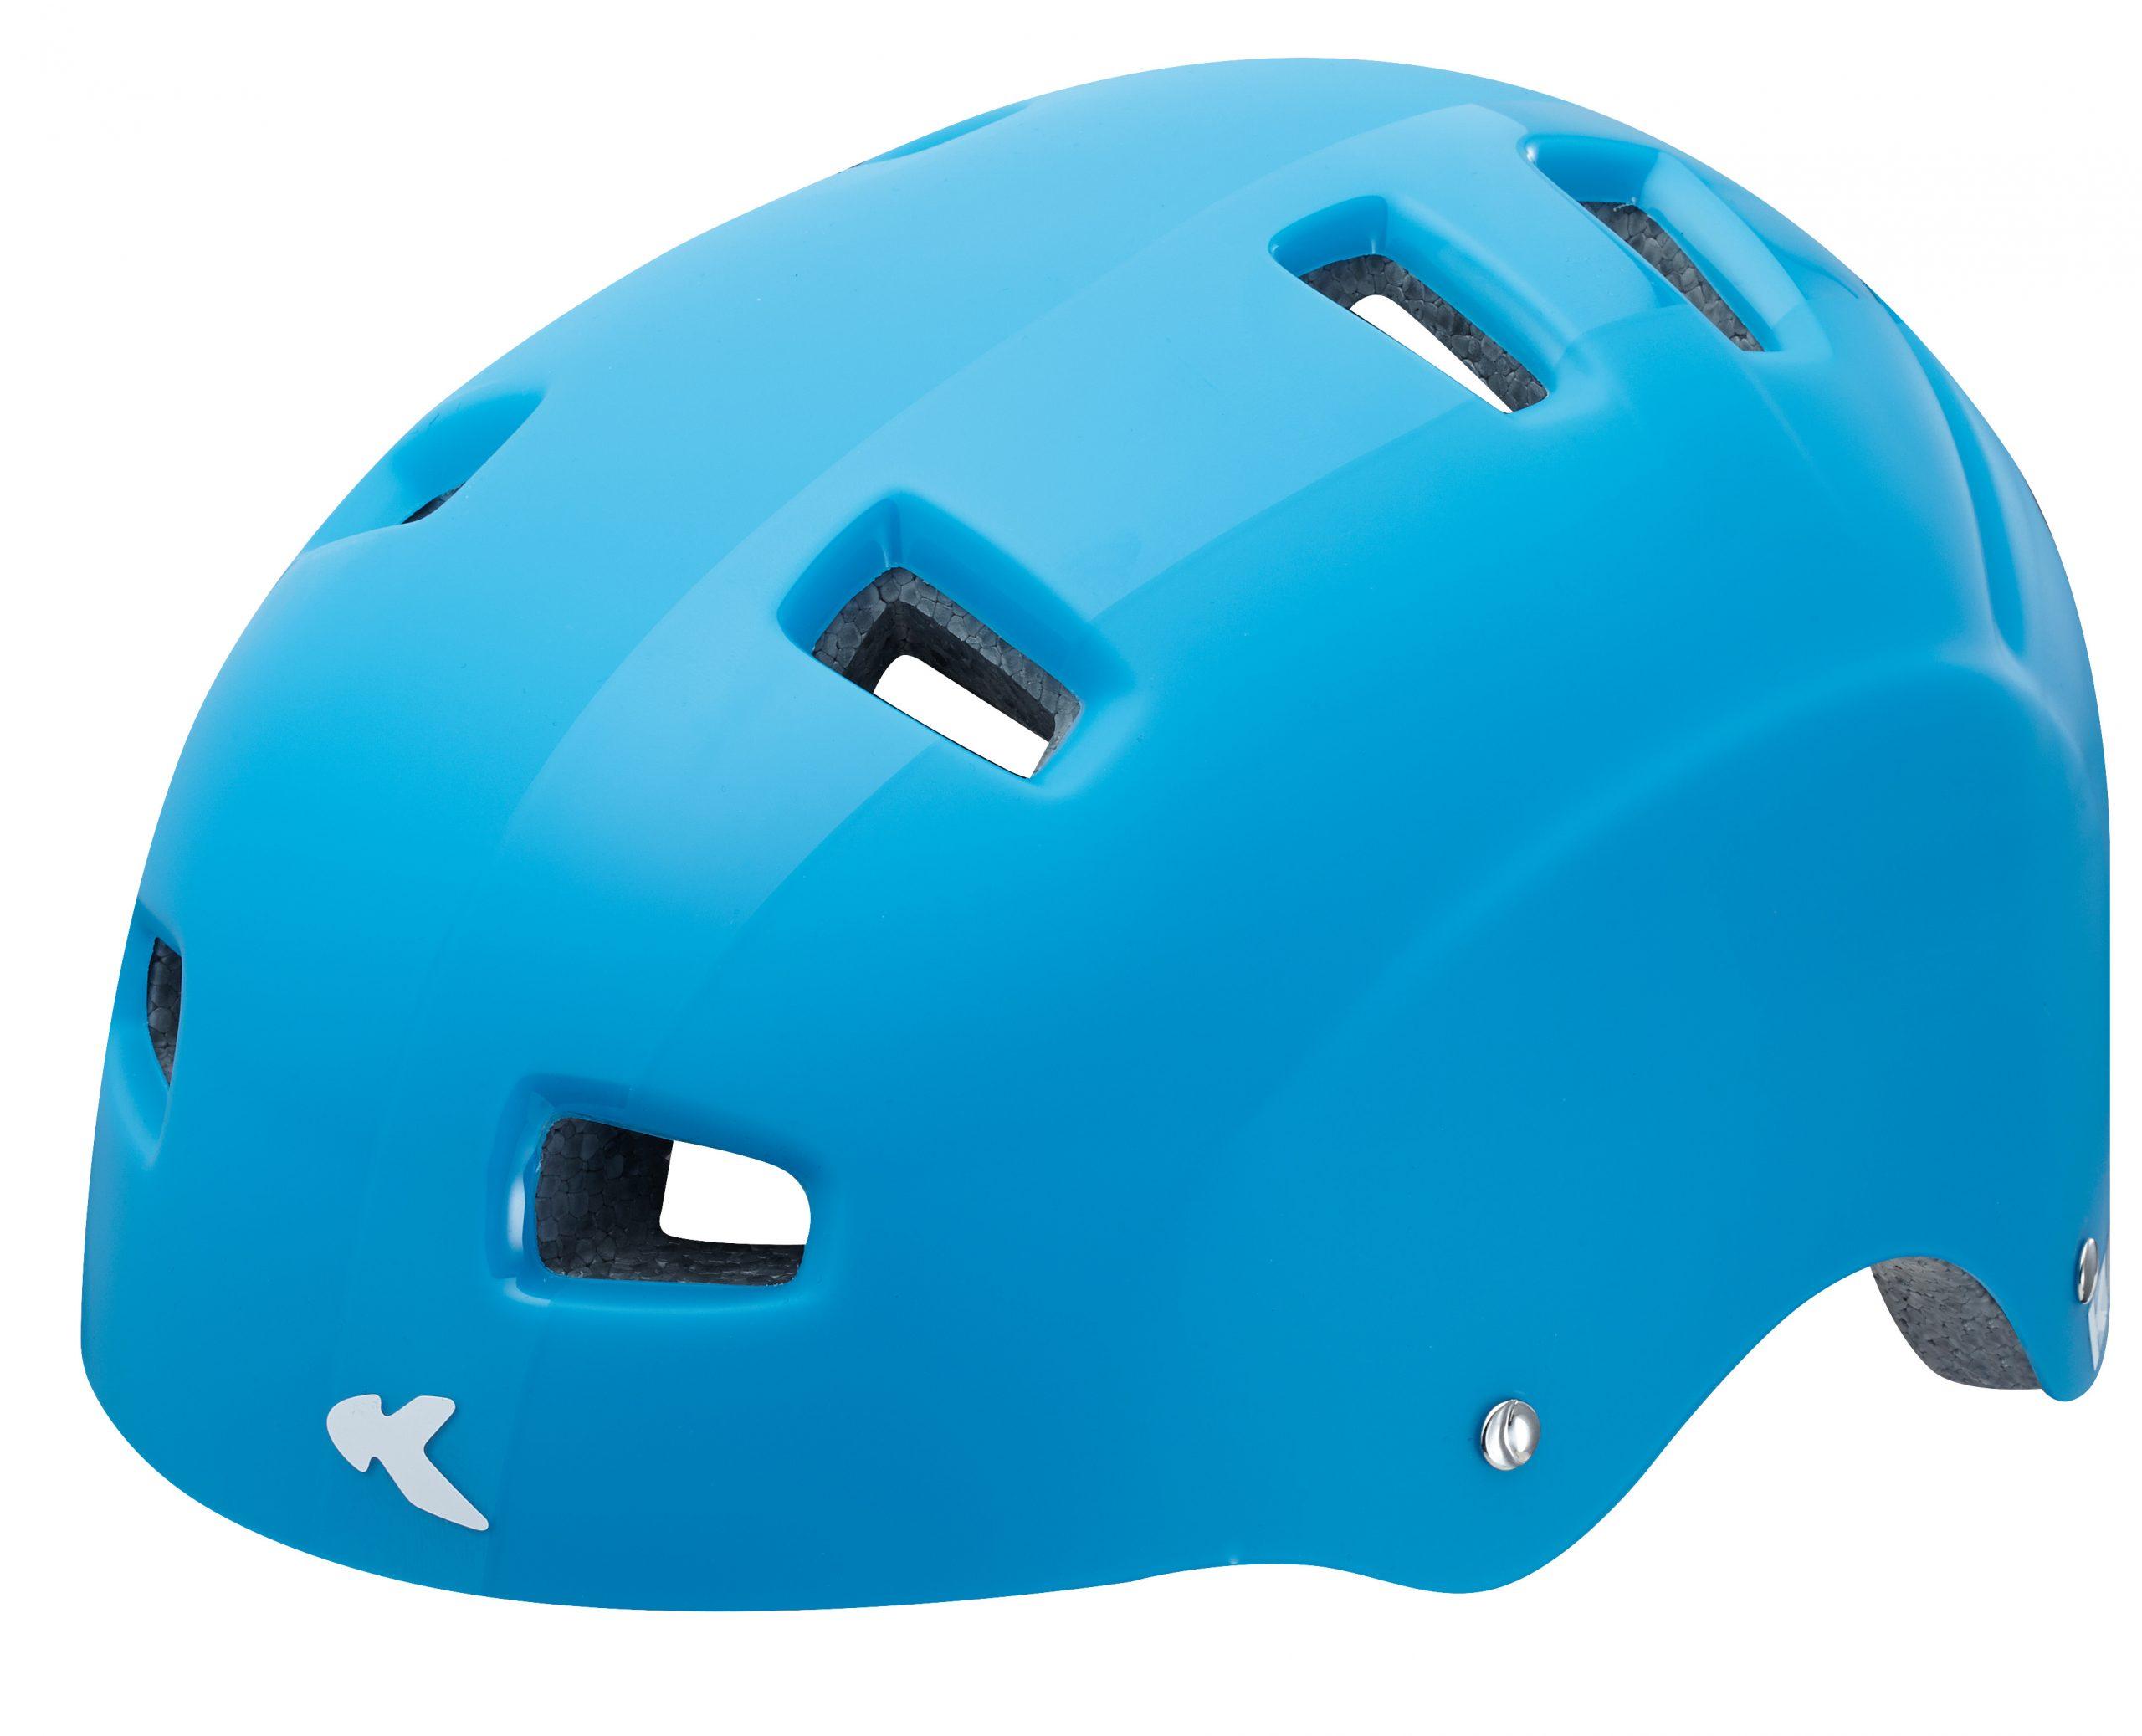 """A Risco ötvözi a trendi BMX-es """"bilibukó"""" formát a hatékony szellőzéssel, városi használatra ideális darab!"""